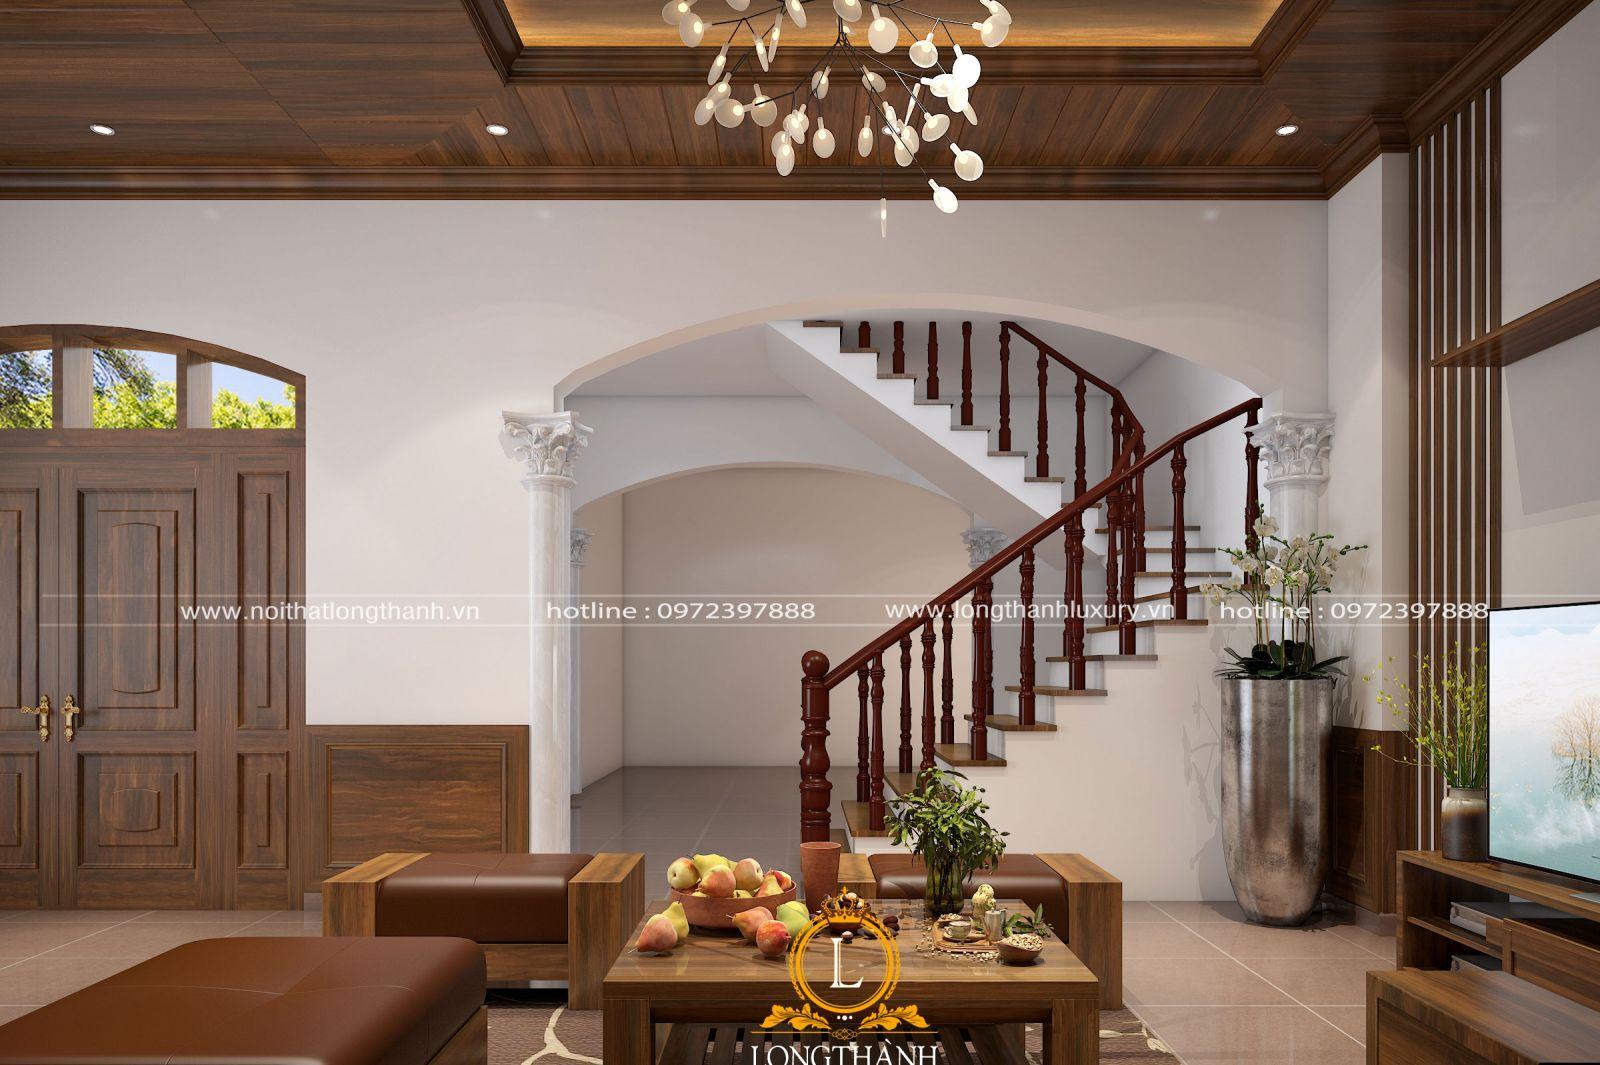 Không gian phòng khách đẹp gắn liền với sự kết hợp cùng hệ cầu thang